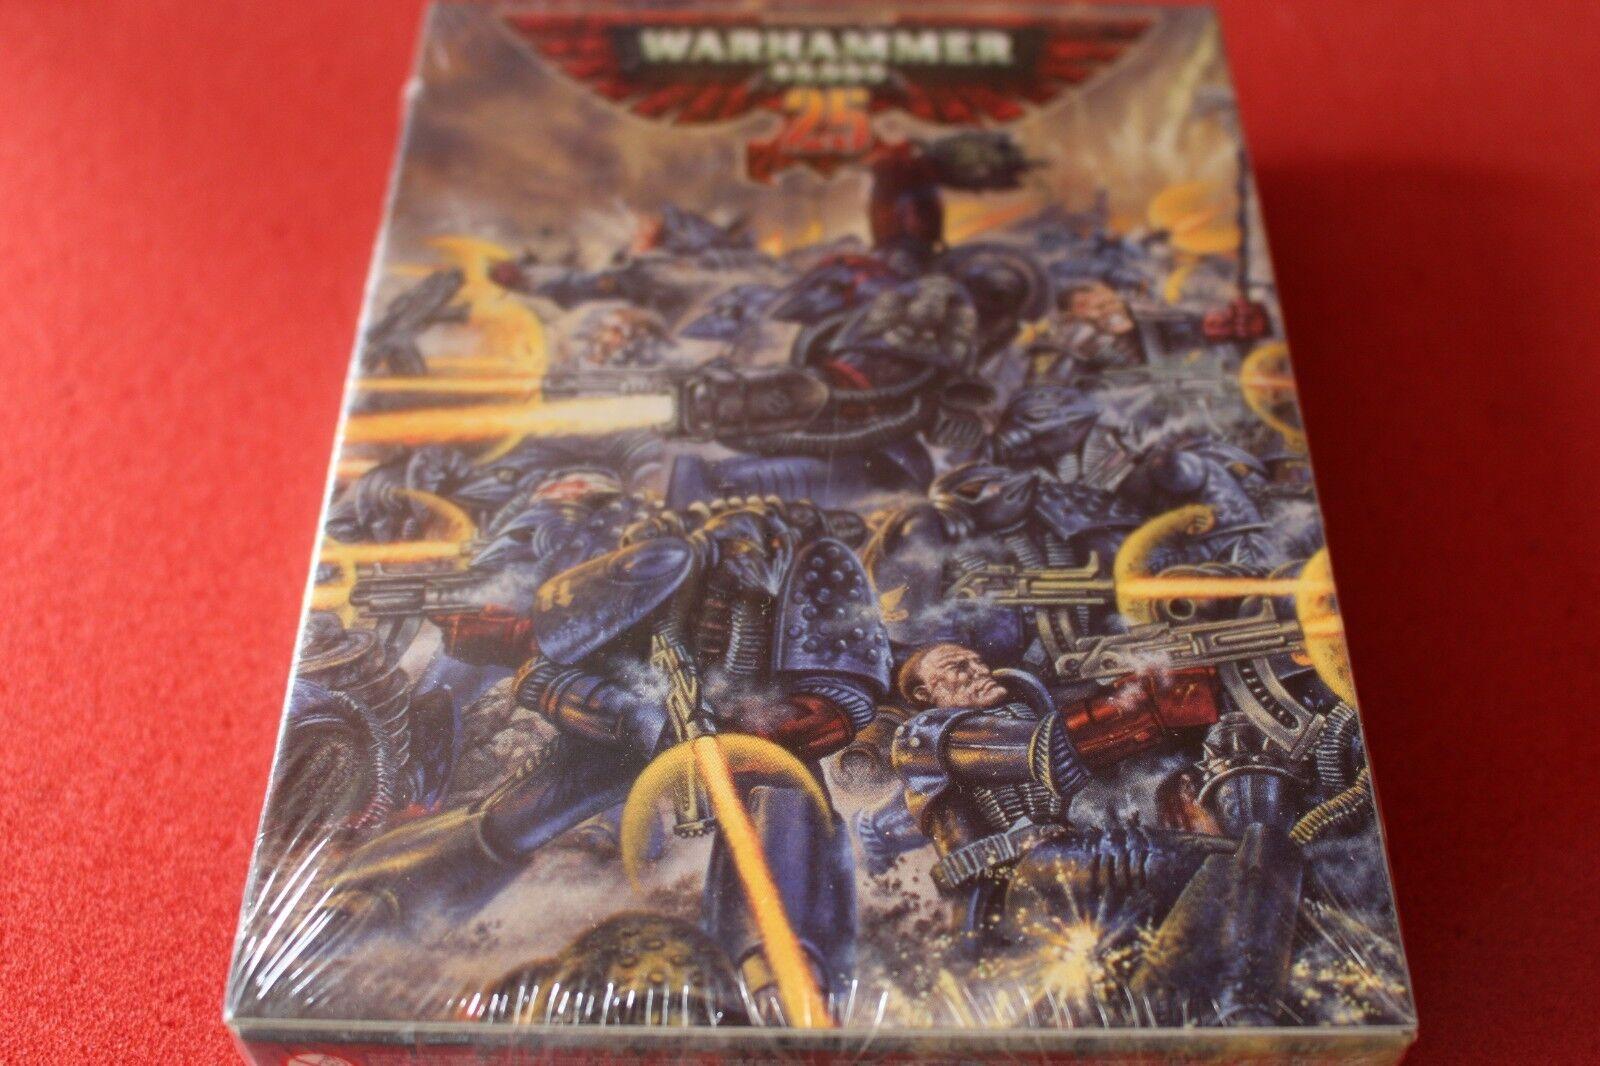 Warhammer 40k Cochemesí puños Rogue Trader 25th aniversario edición limitada precintado